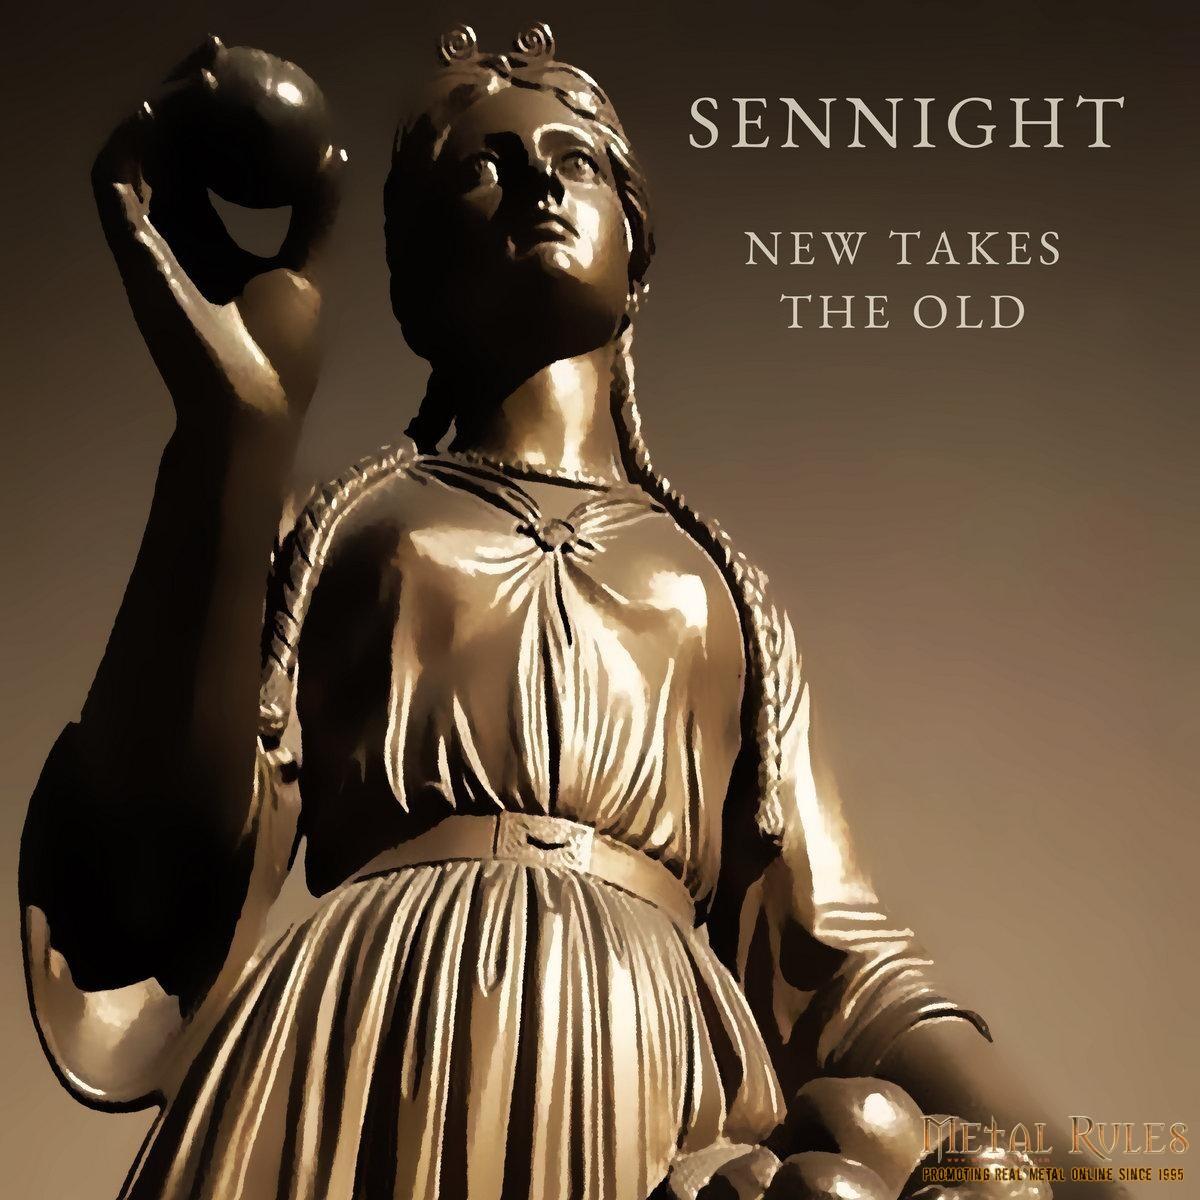 Sennight